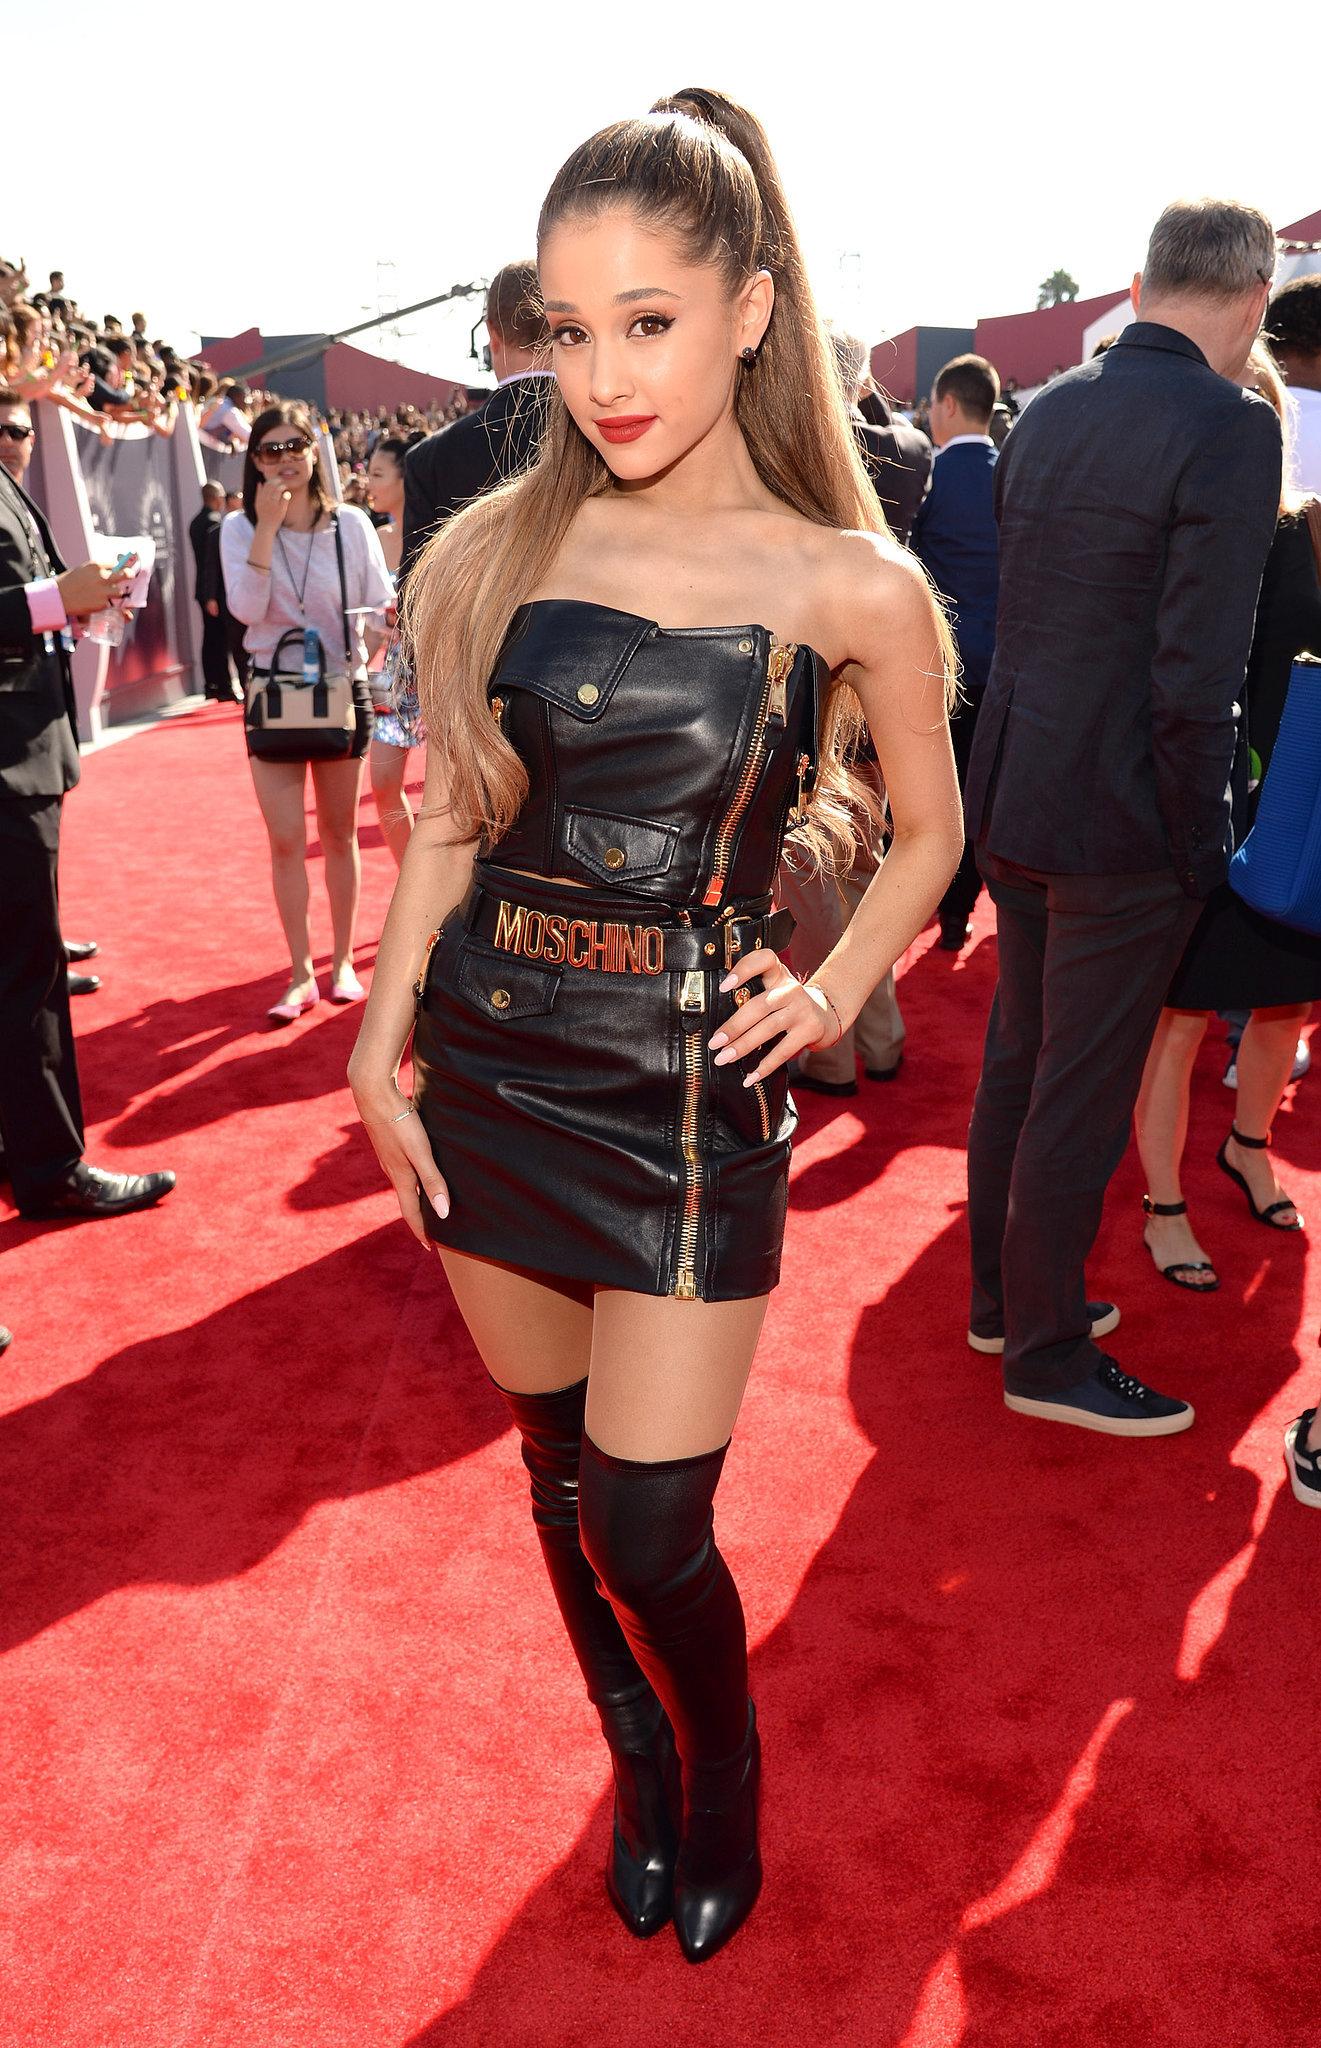 Ariana grande at the 2014 mtv vmas